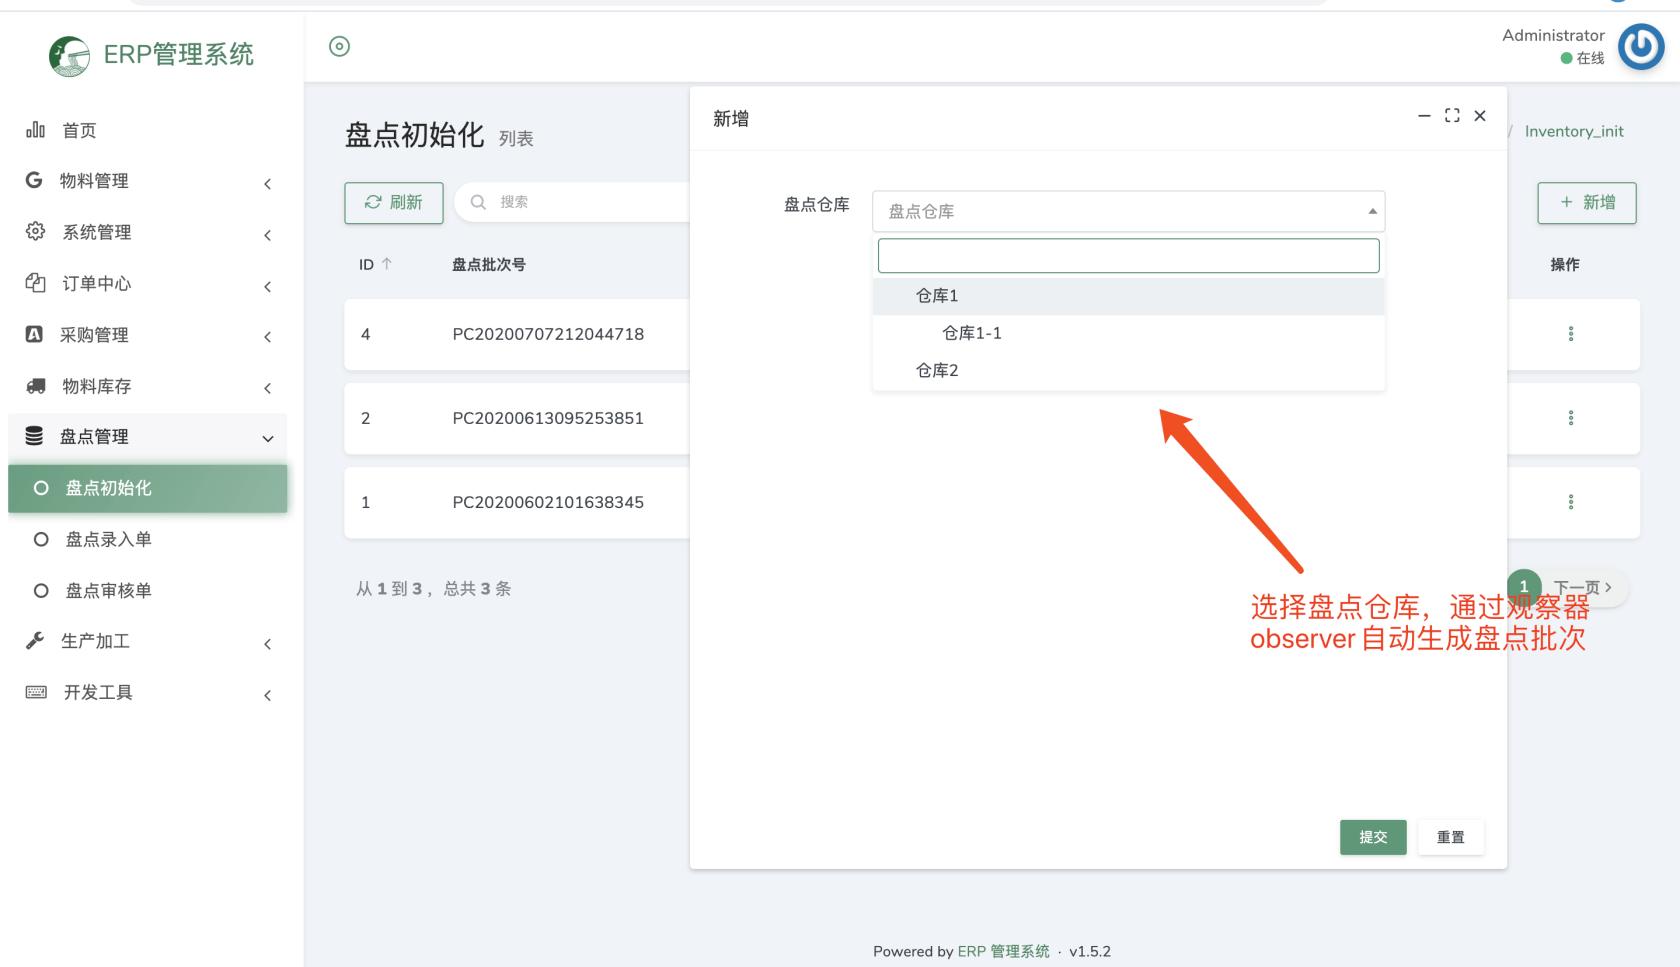 开发 erp 管理系统盘点功能分享